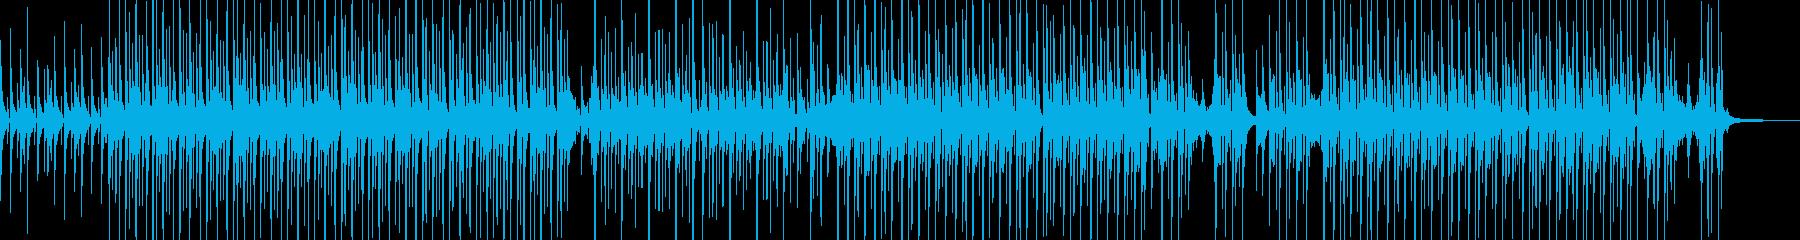 ウクレレ・まったりした作品に ★Sの再生済みの波形